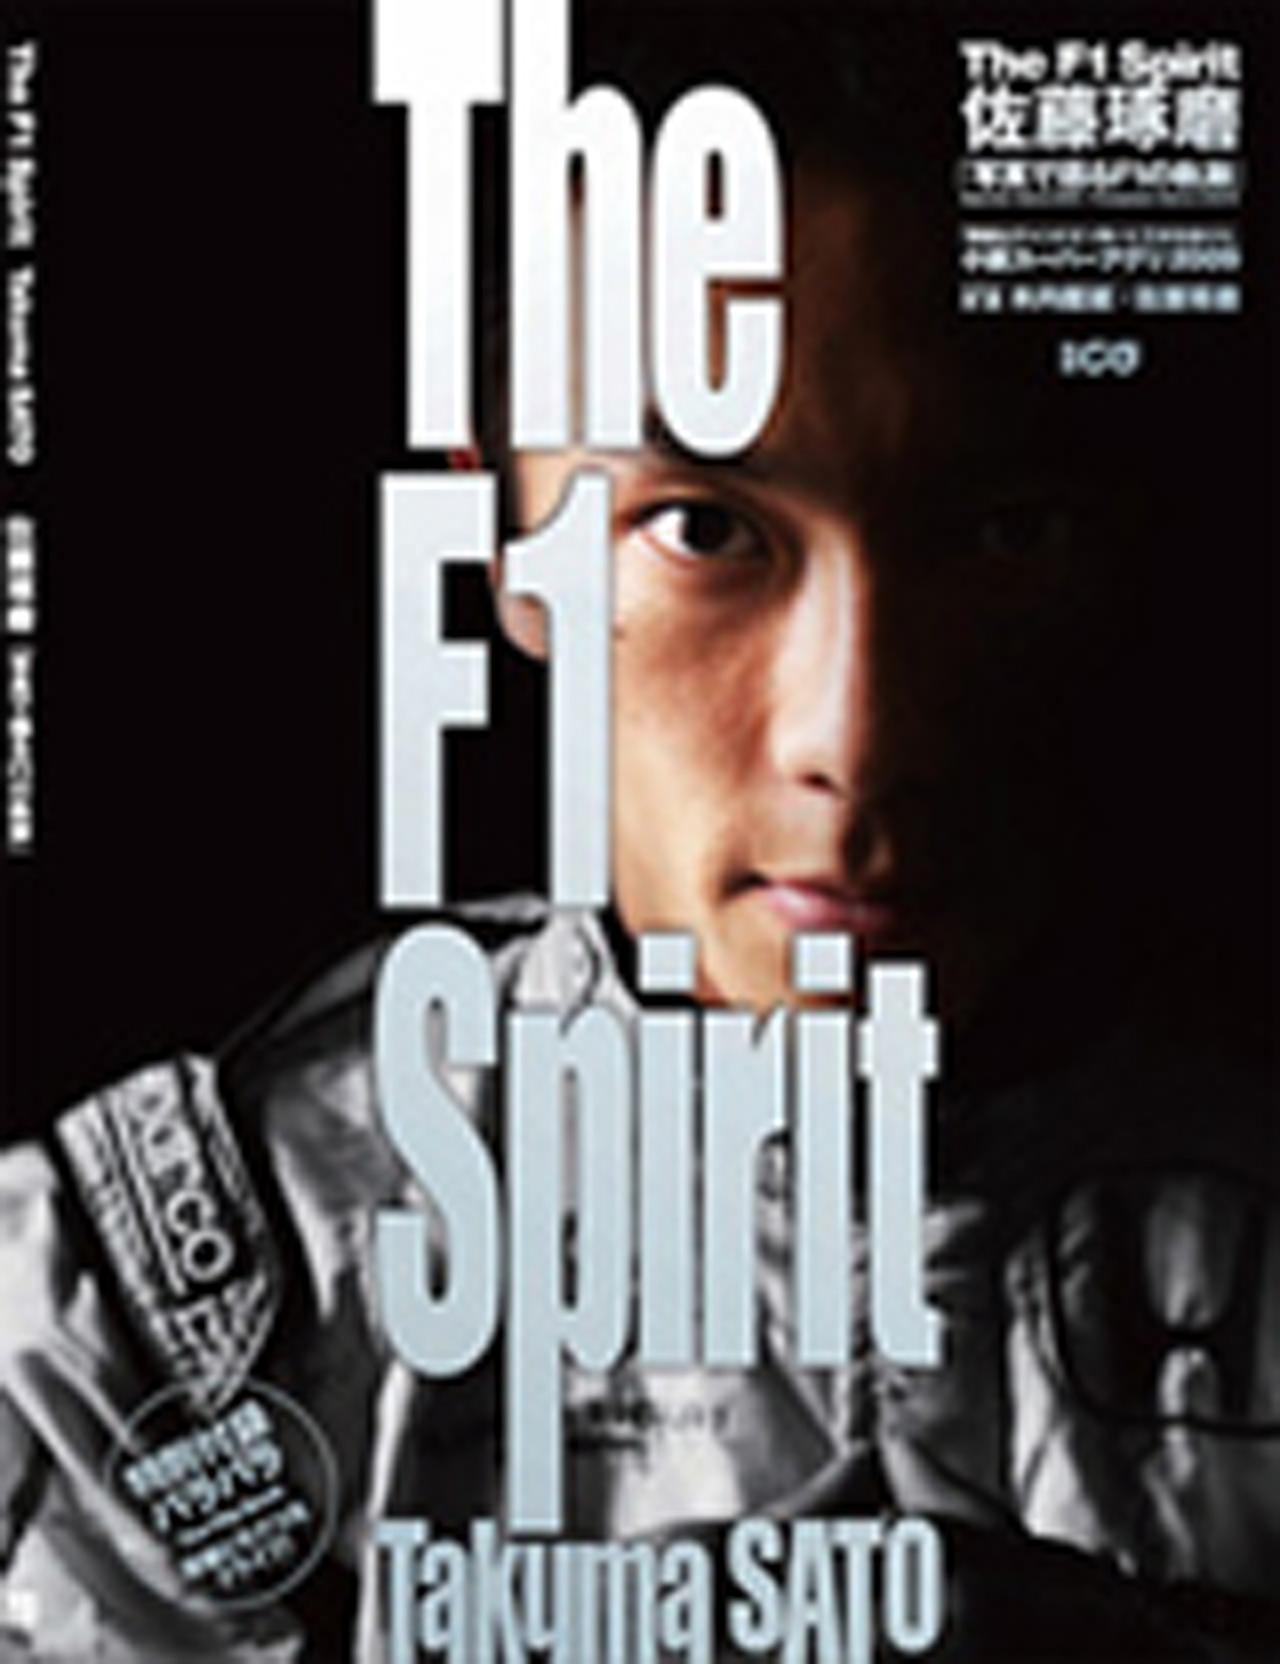 佐藤琢磨 The F1 Spirit Takuma SATO